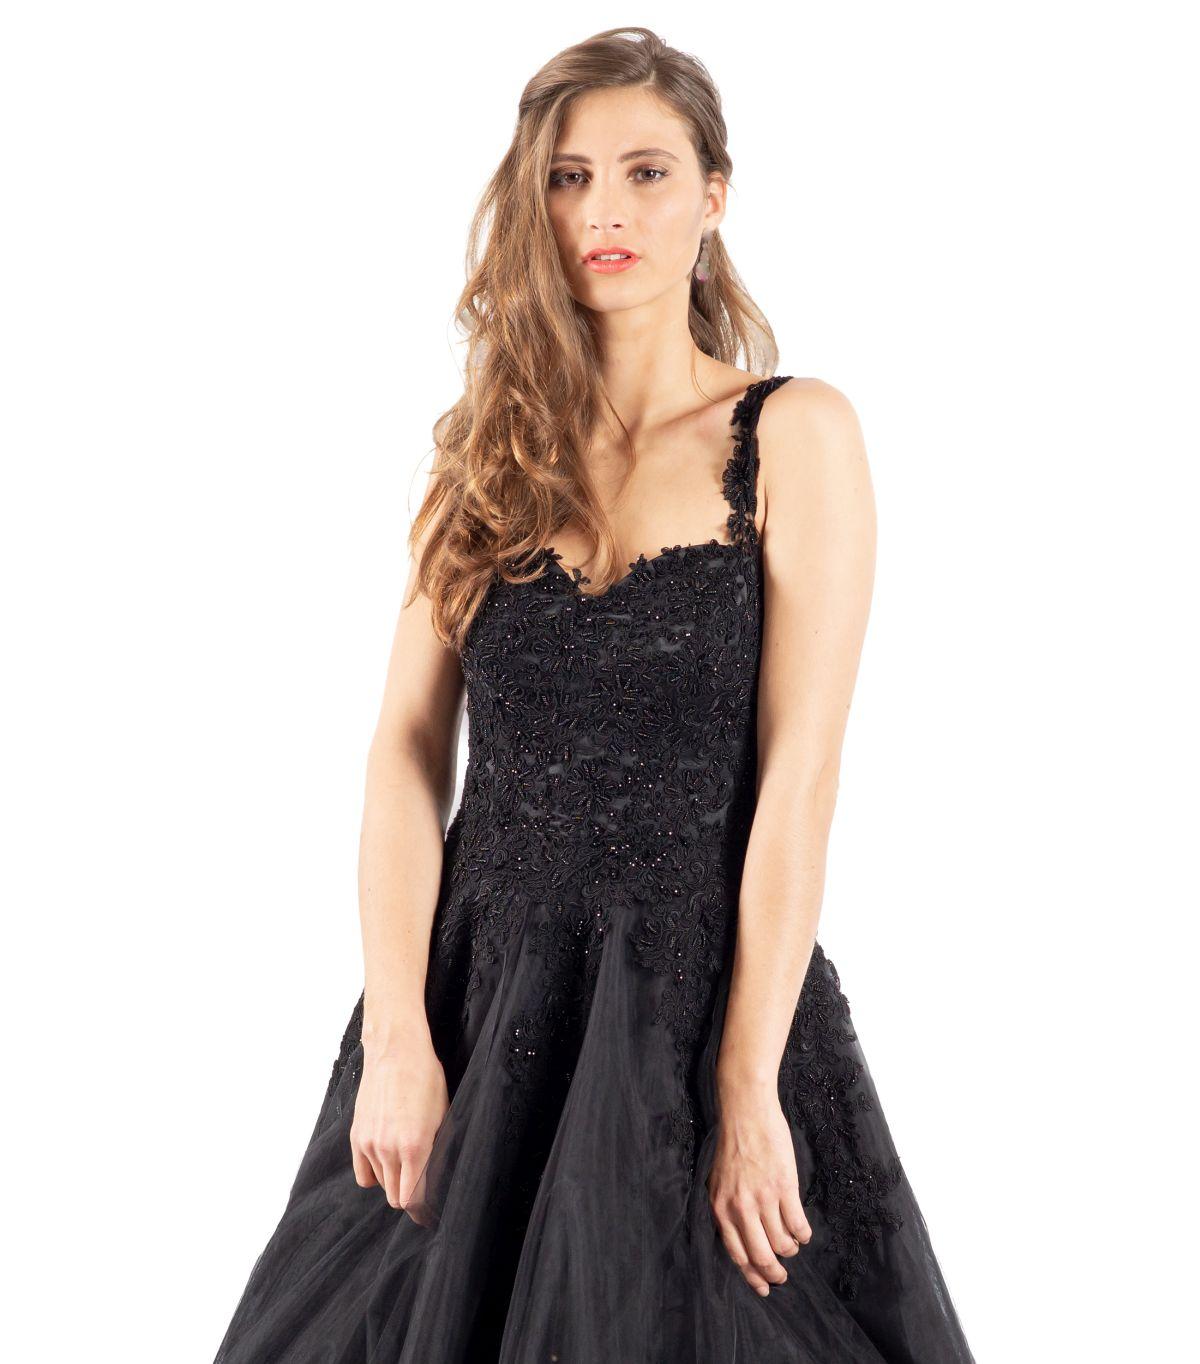 Rosa schwarzes Brautkleid detailansicht